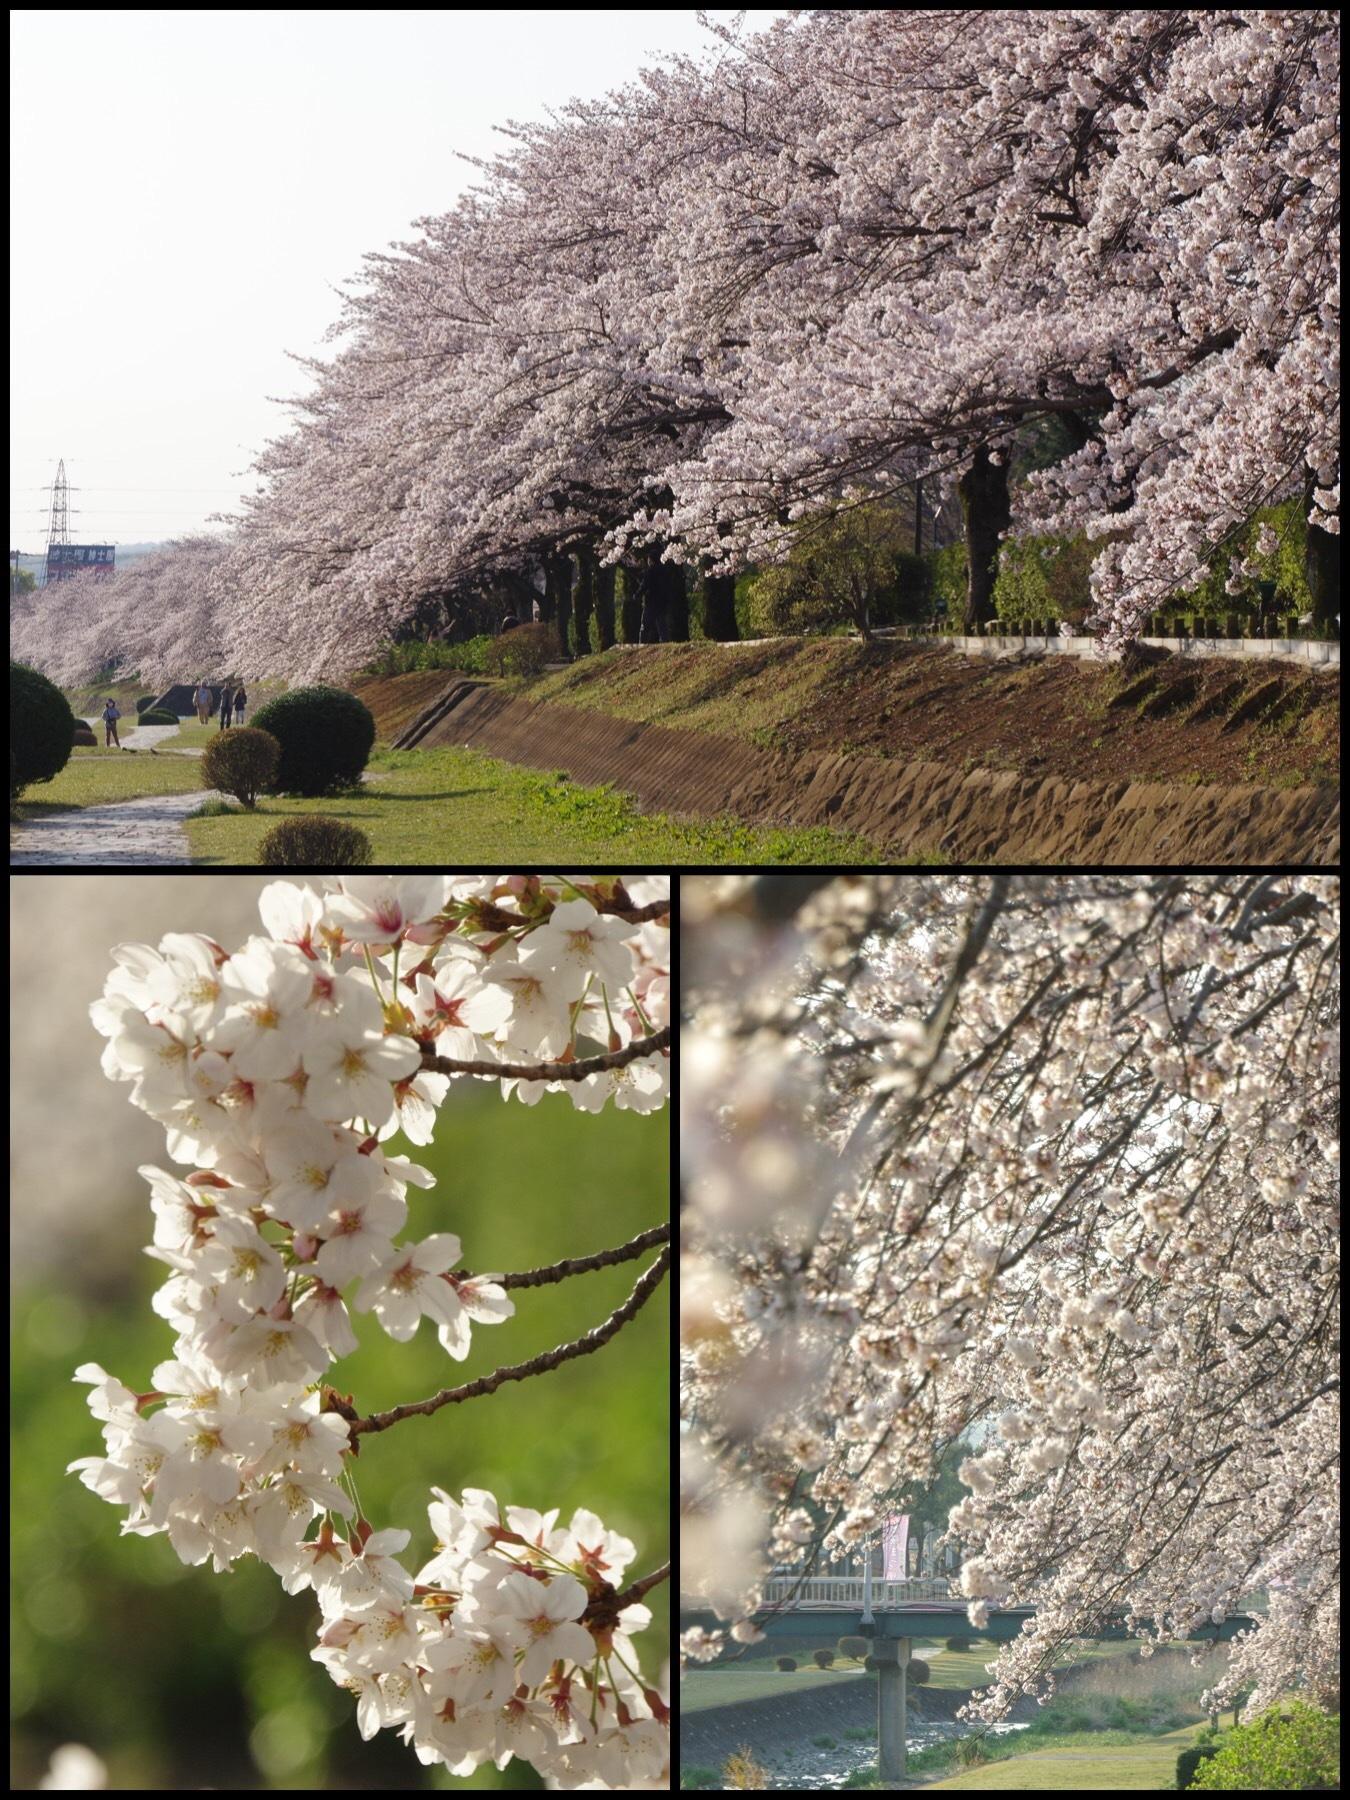 秦野カルチャーパーク はだの桜道 水無し川通沿い桜並木